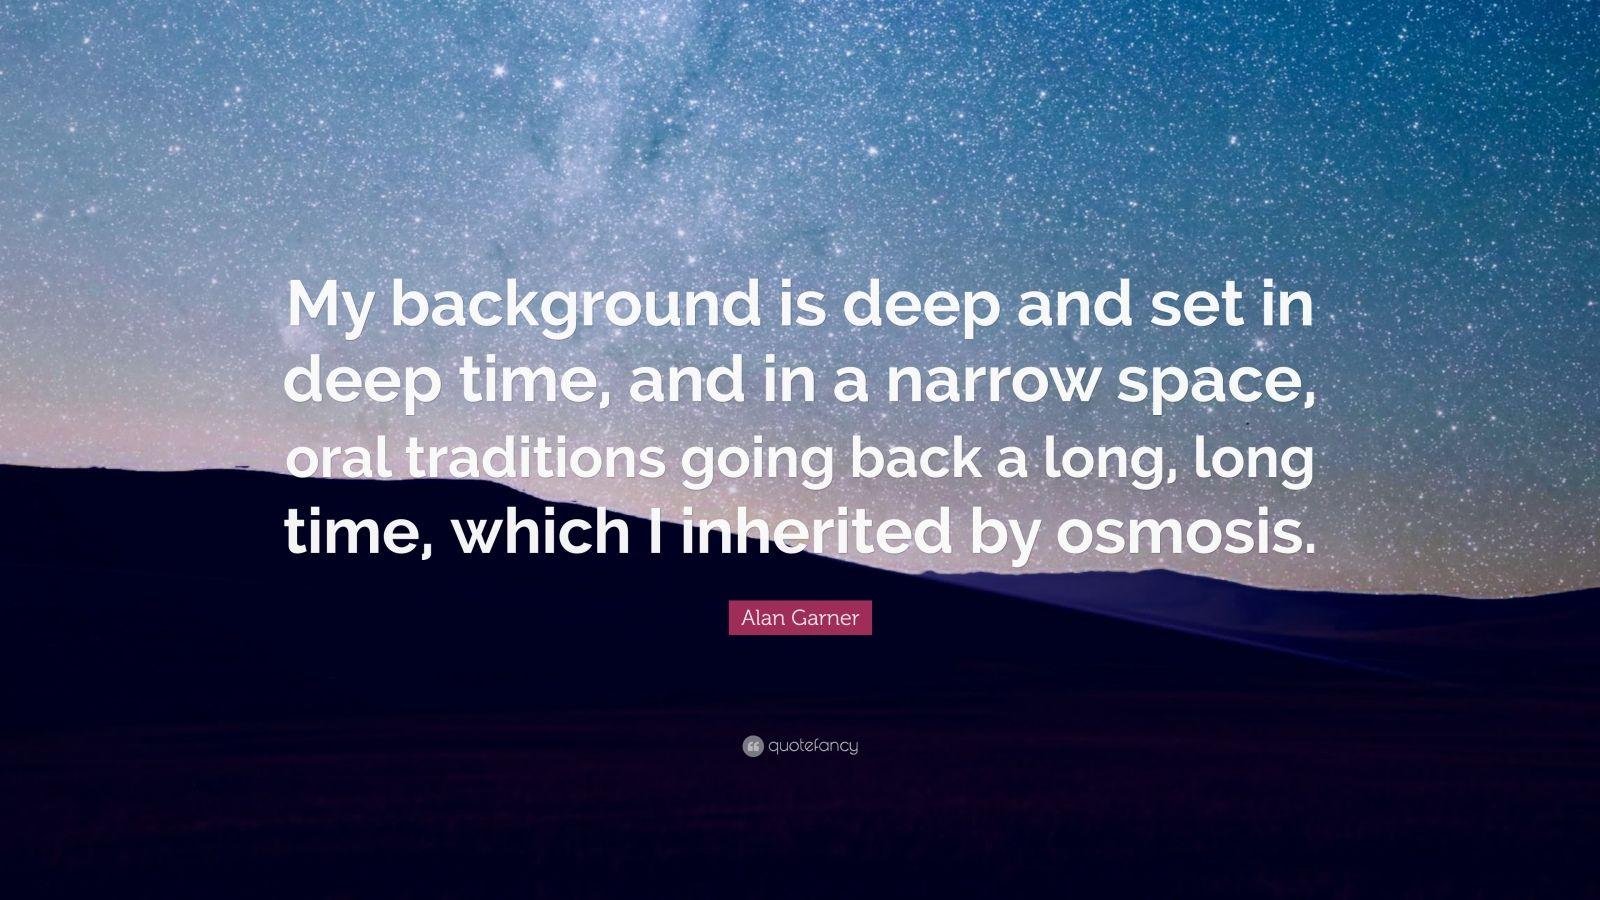 Alan Garner Quotes (5 wallpapers) - Quotefancy